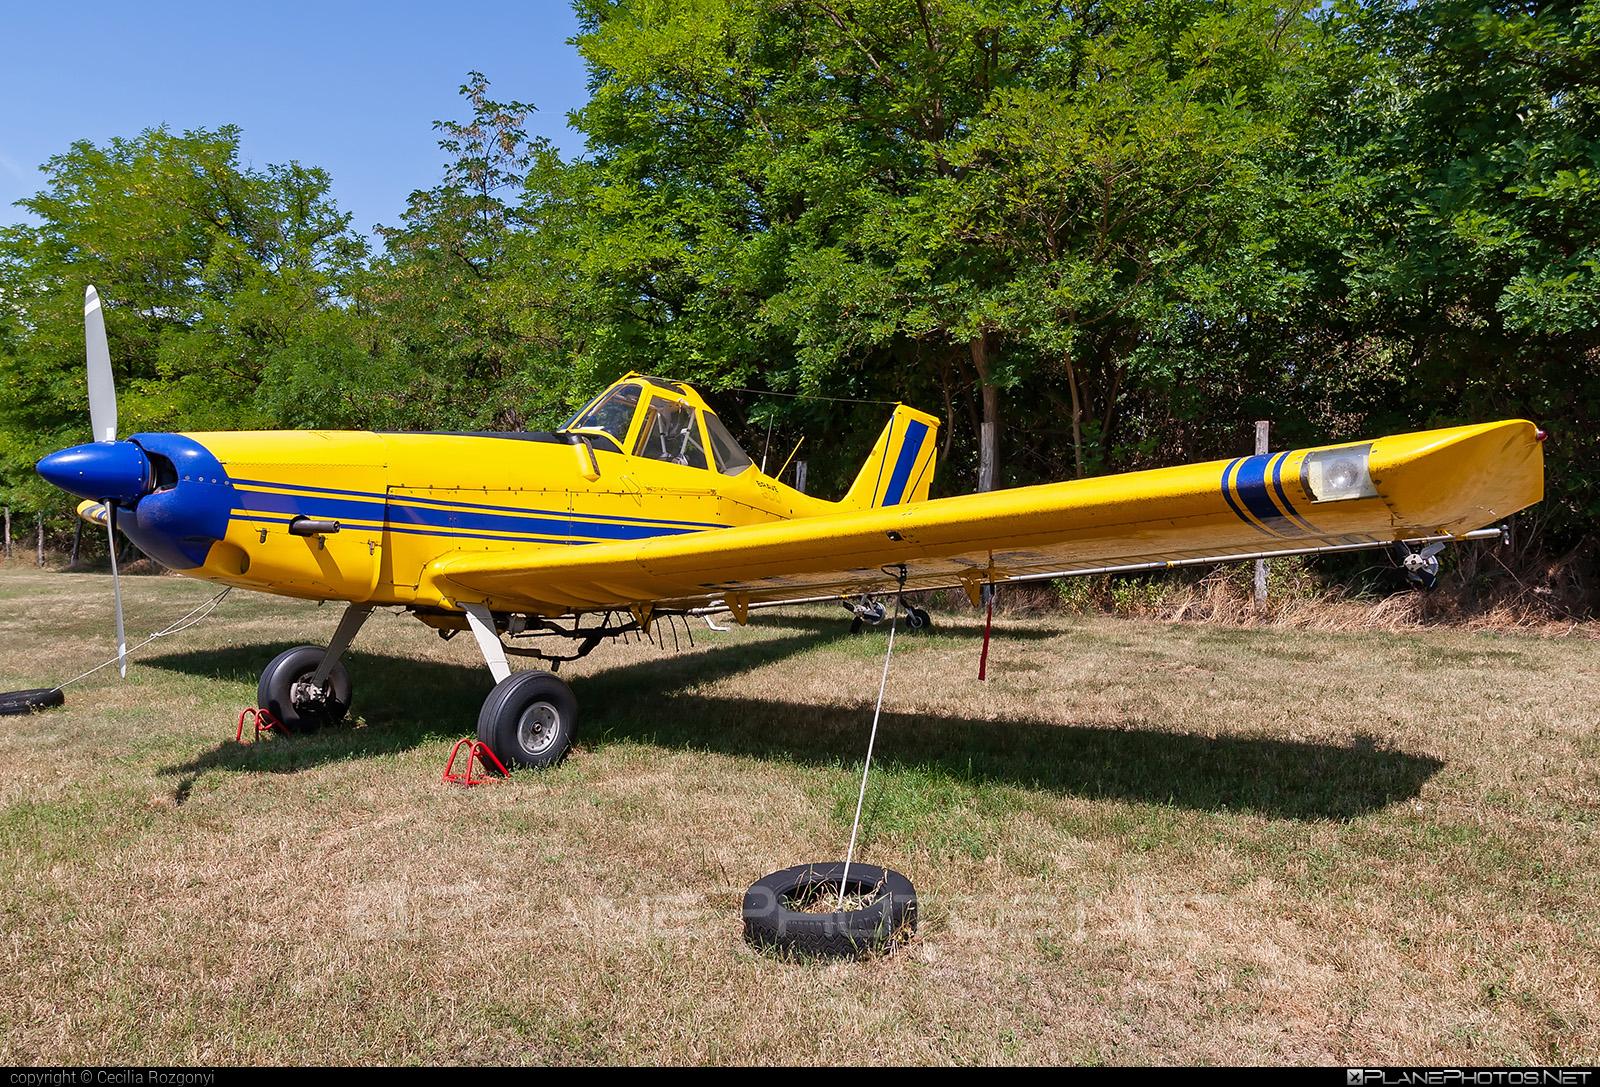 Piper PA-36-300 Pawnee Brave 300 - HA-MJG operated by Aero Média Kft. #aeromediakft #pa36300pawneebrave #pa36pawneebrave #pawneebrave #pawneebrave300 #piper #piperpa36